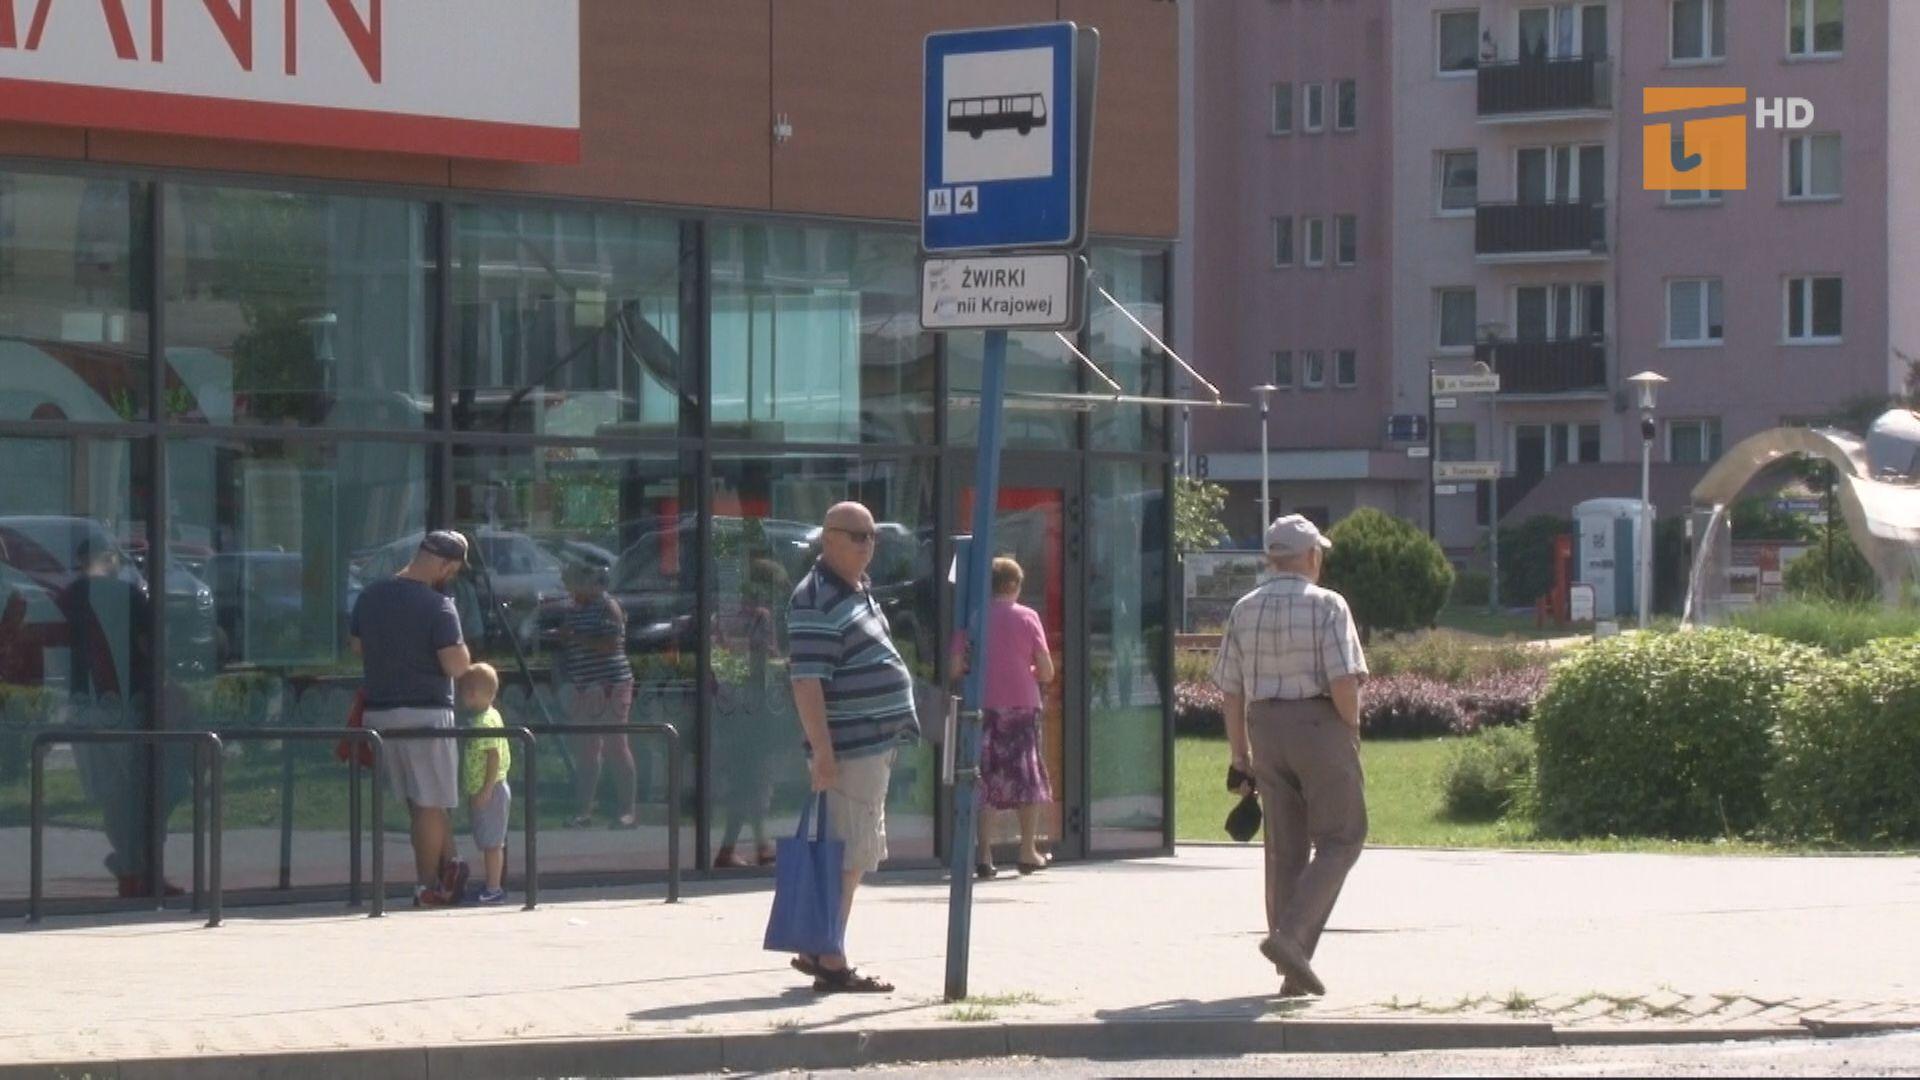 Czy i kiedy powstanie wiata przystankowa na ulicy Żwirki?